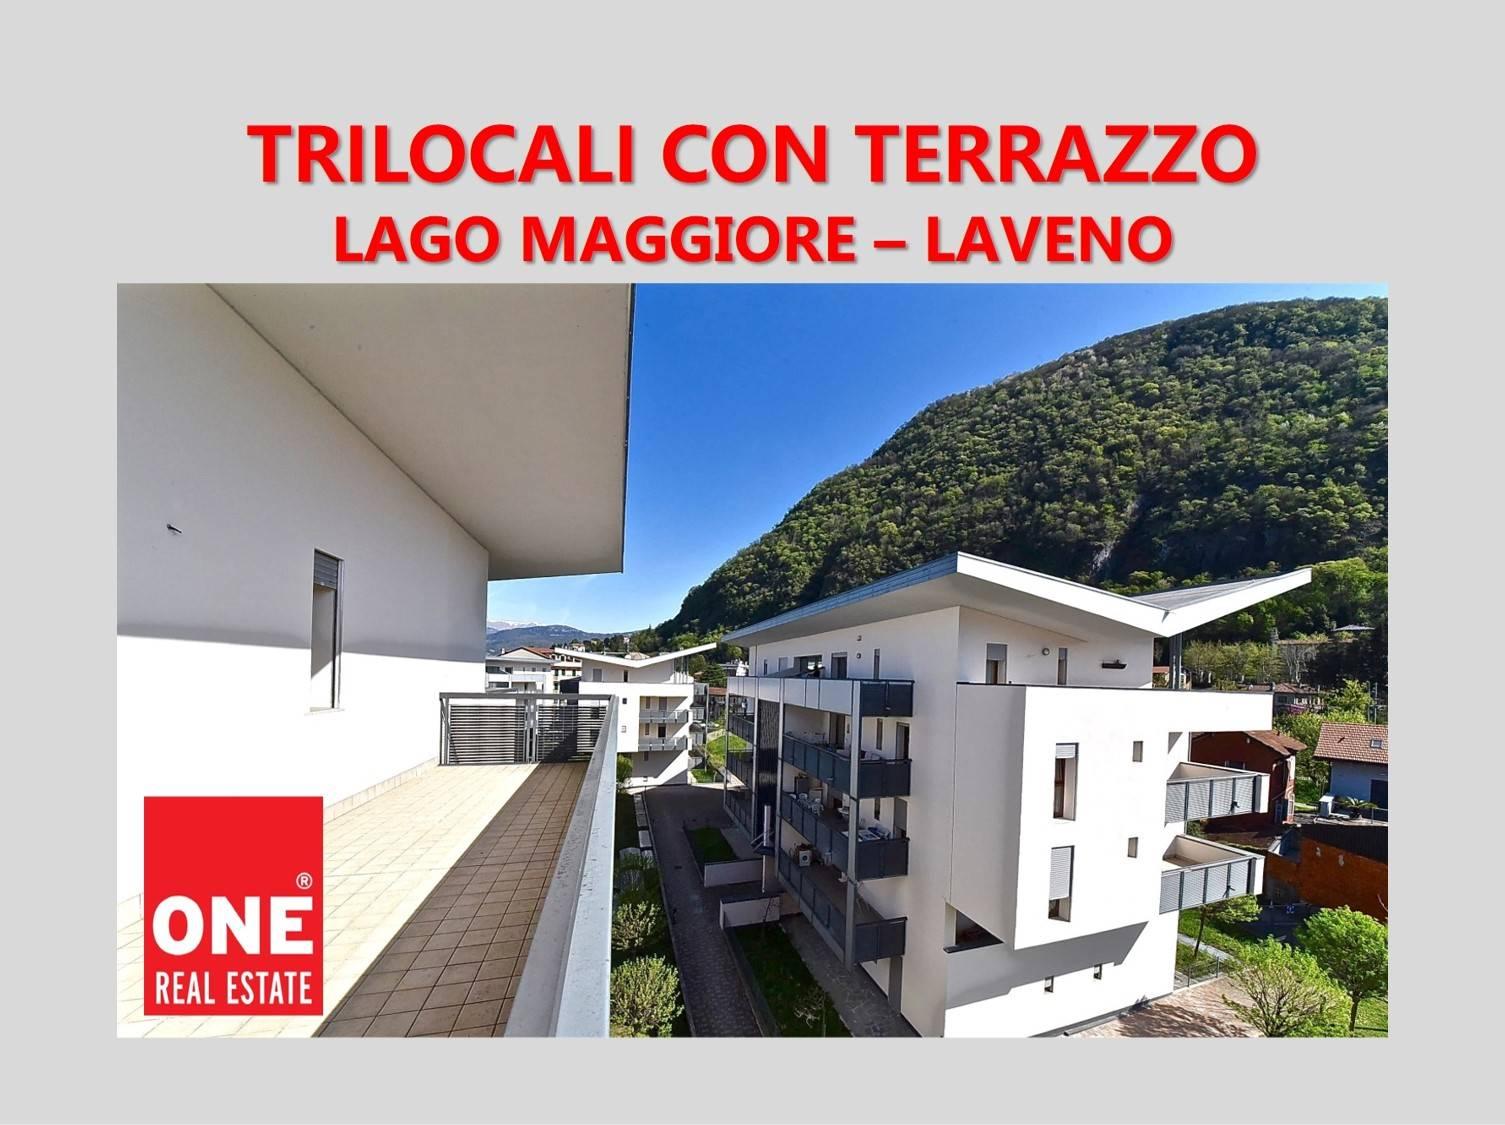 Appartamento in vendita a Laveno-Mombello, 3 locali, zona Località: LAVENO, prezzo € 168.000   PortaleAgenzieImmobiliari.it